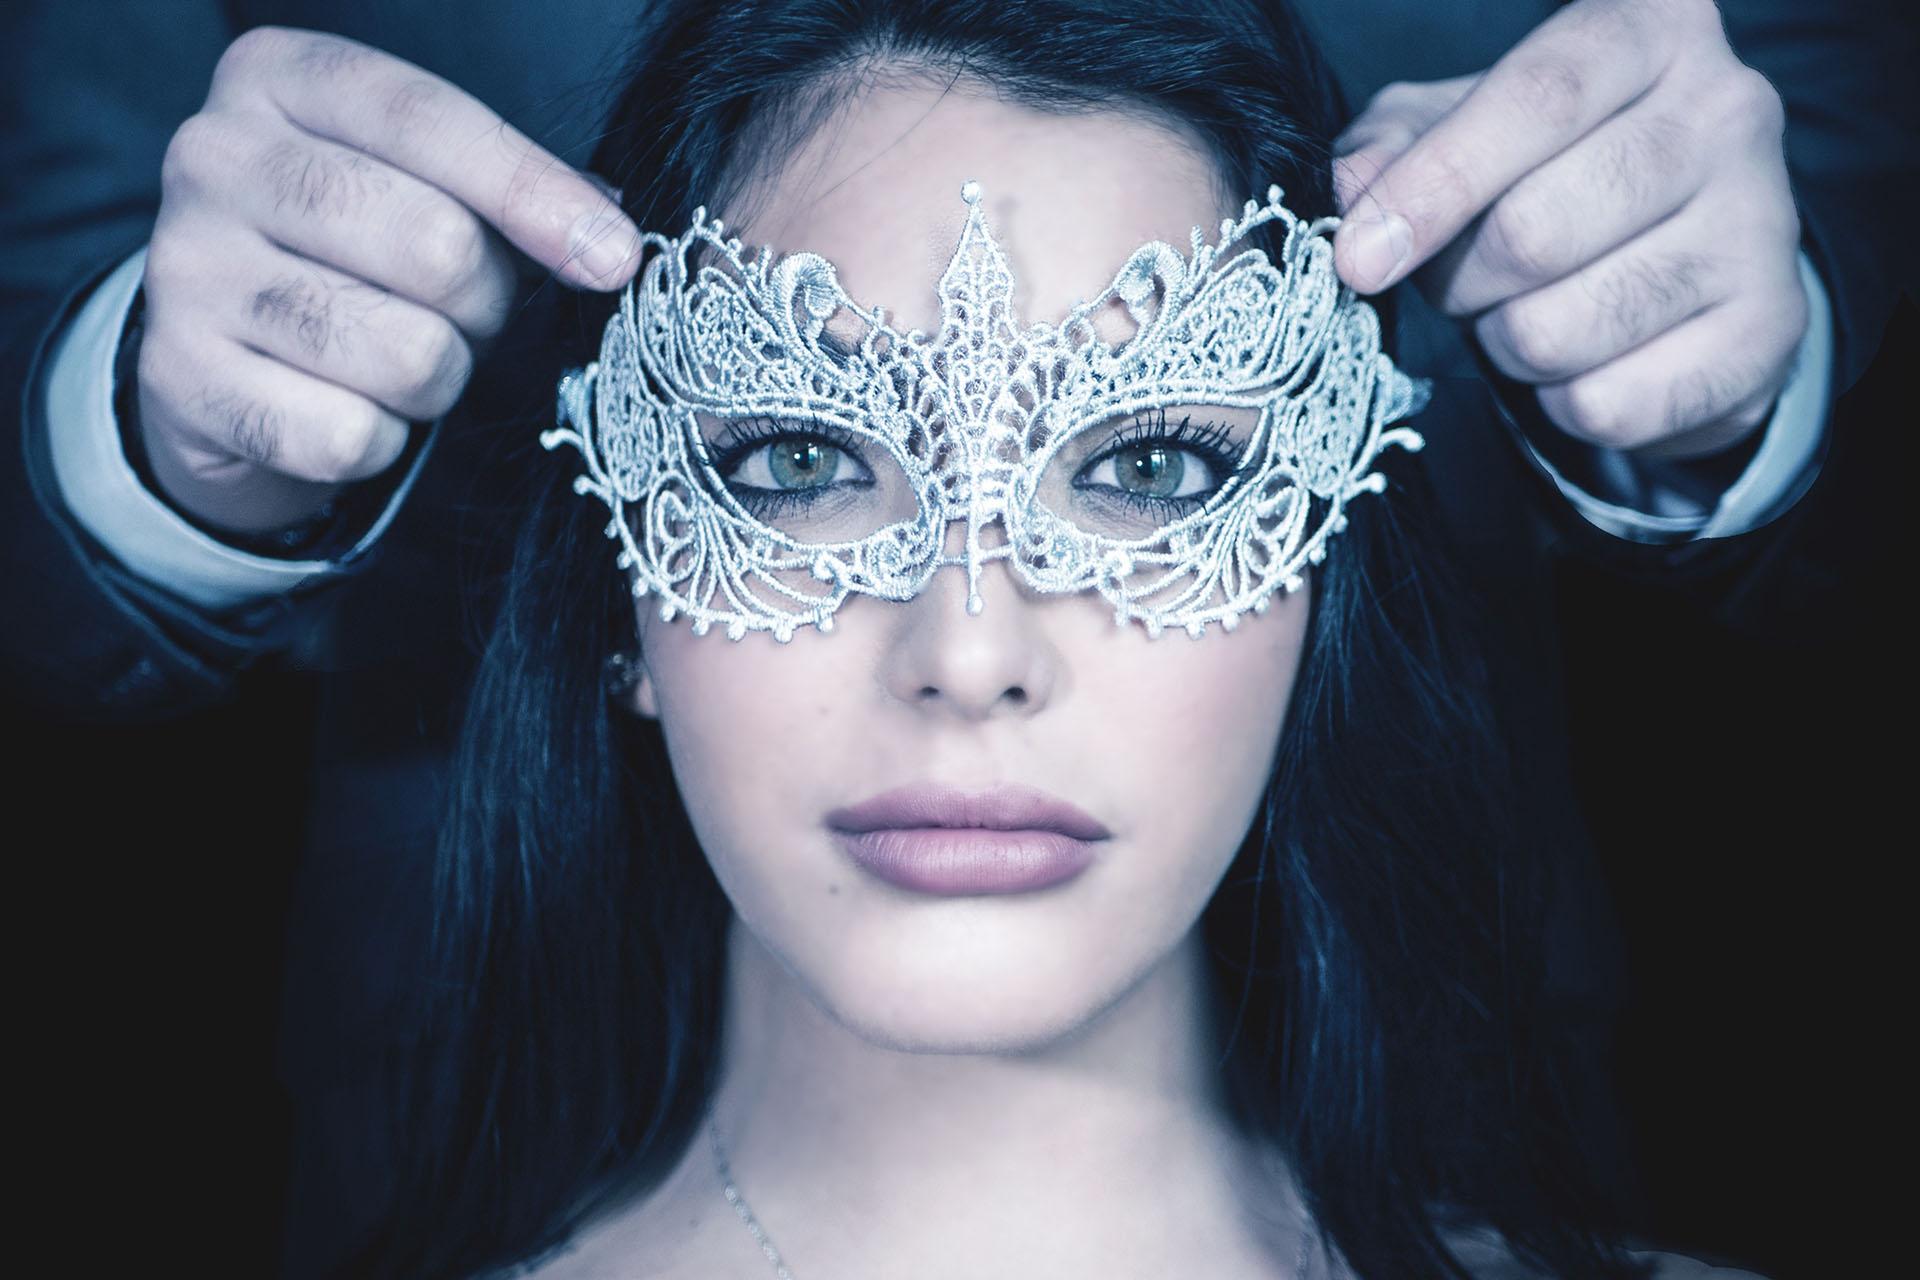 マスク発送メールが来ました(1月下旬注文)そろそろマスクの供給が正常化するんかな。